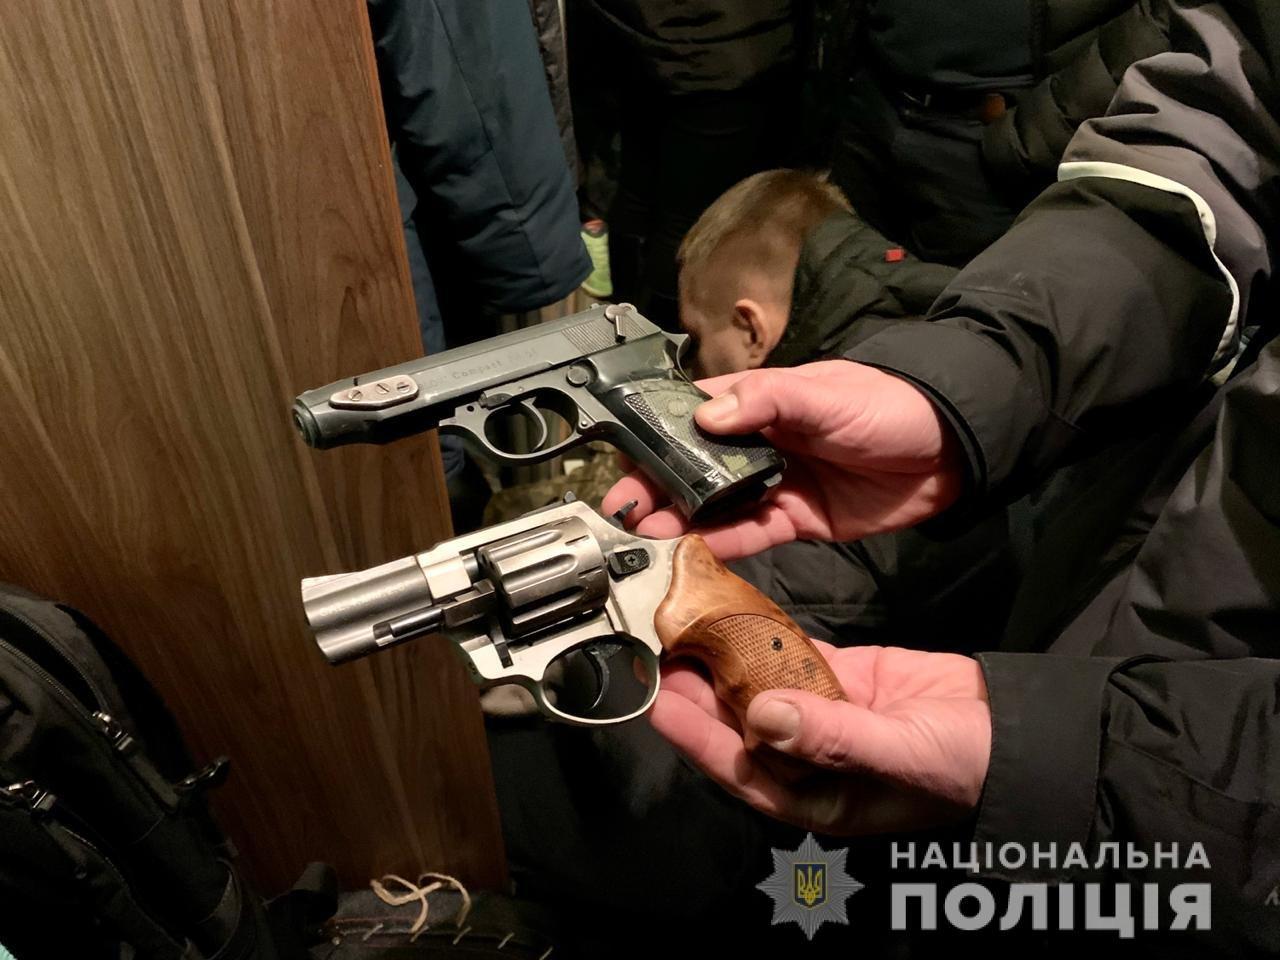 В Днепропетровской области в ходе спецоперации изъяли наркотиков на сумму более миллиона гривен, - ФОТО, ВИДЕО, фото-1